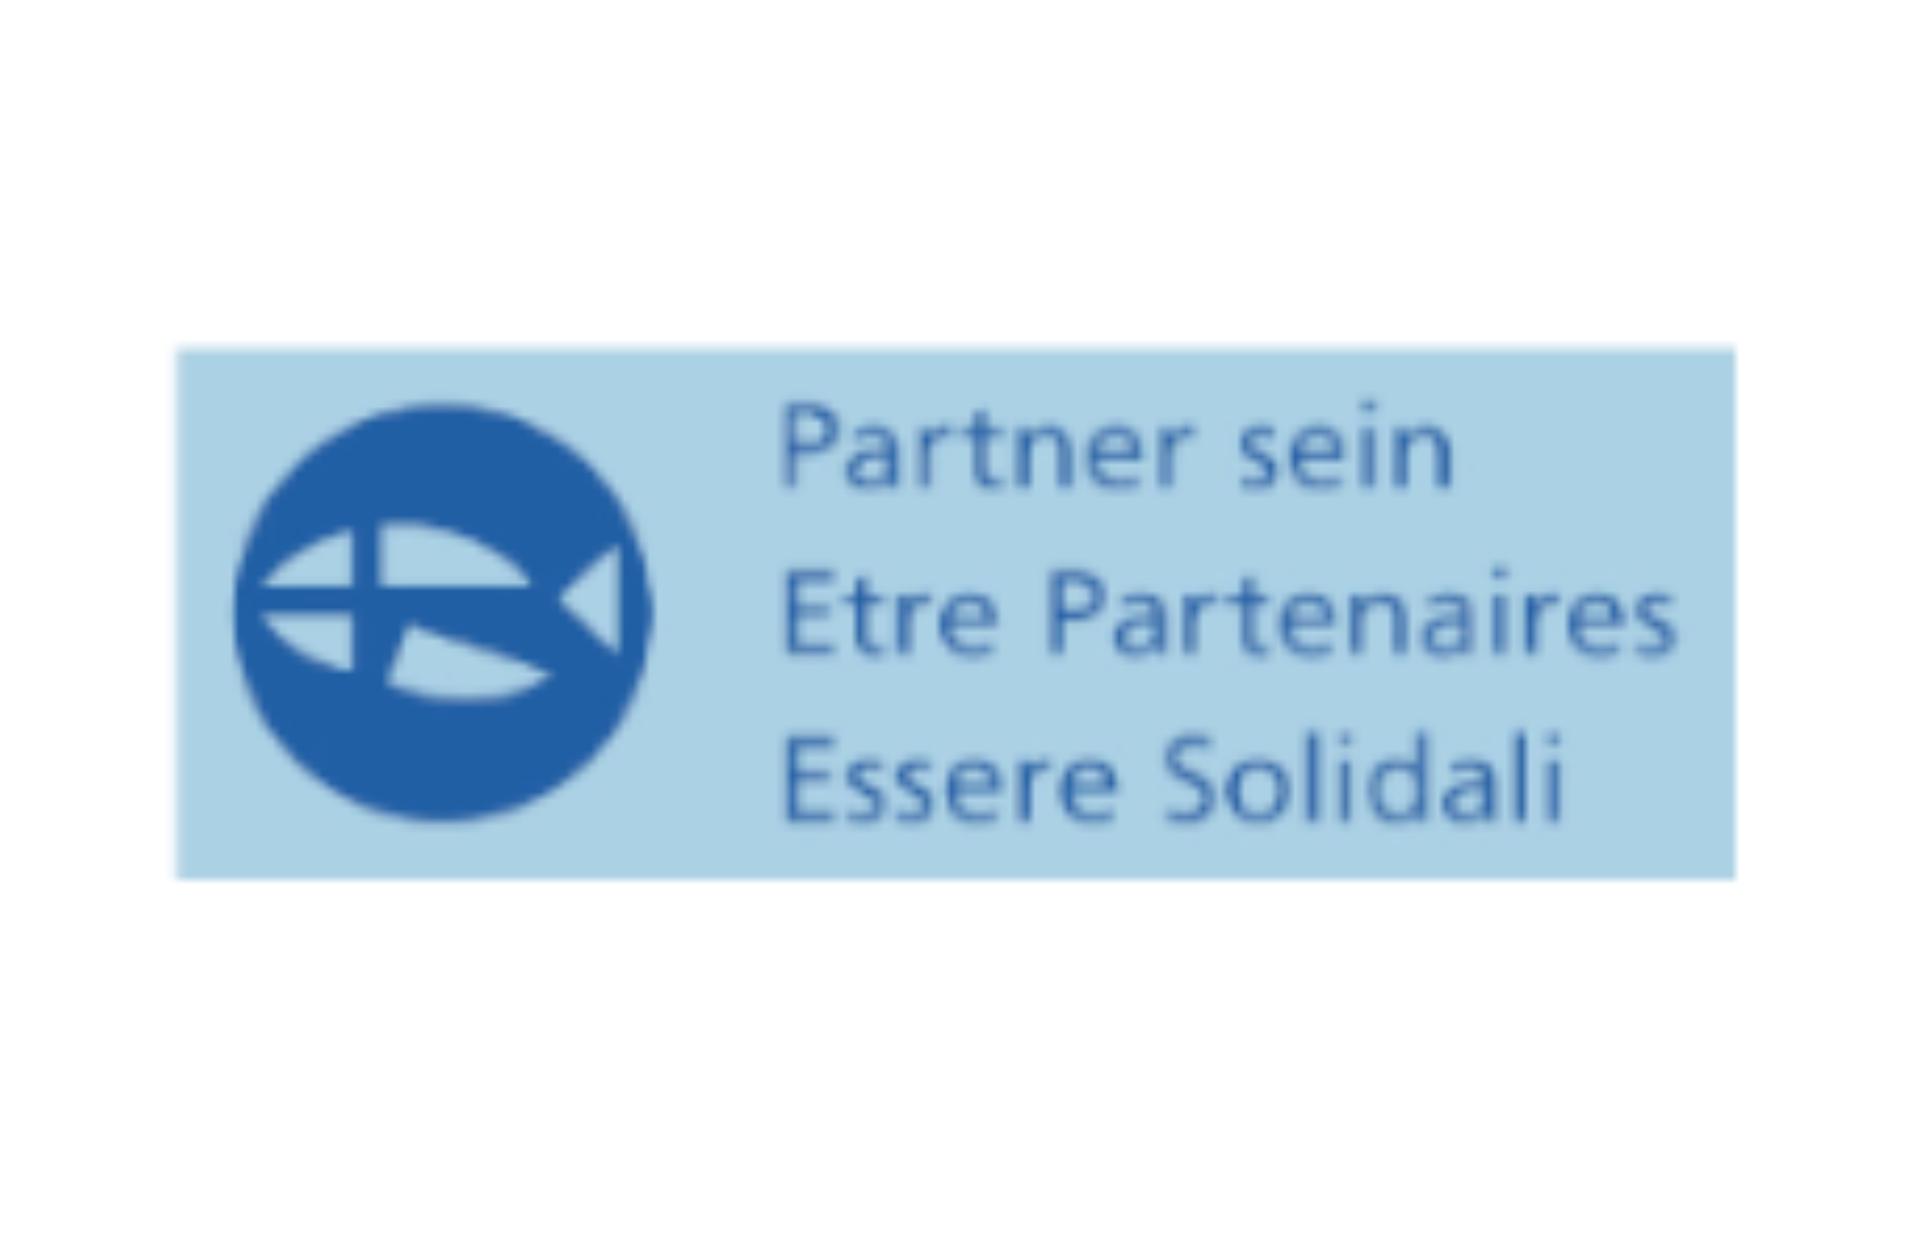 Partner sein